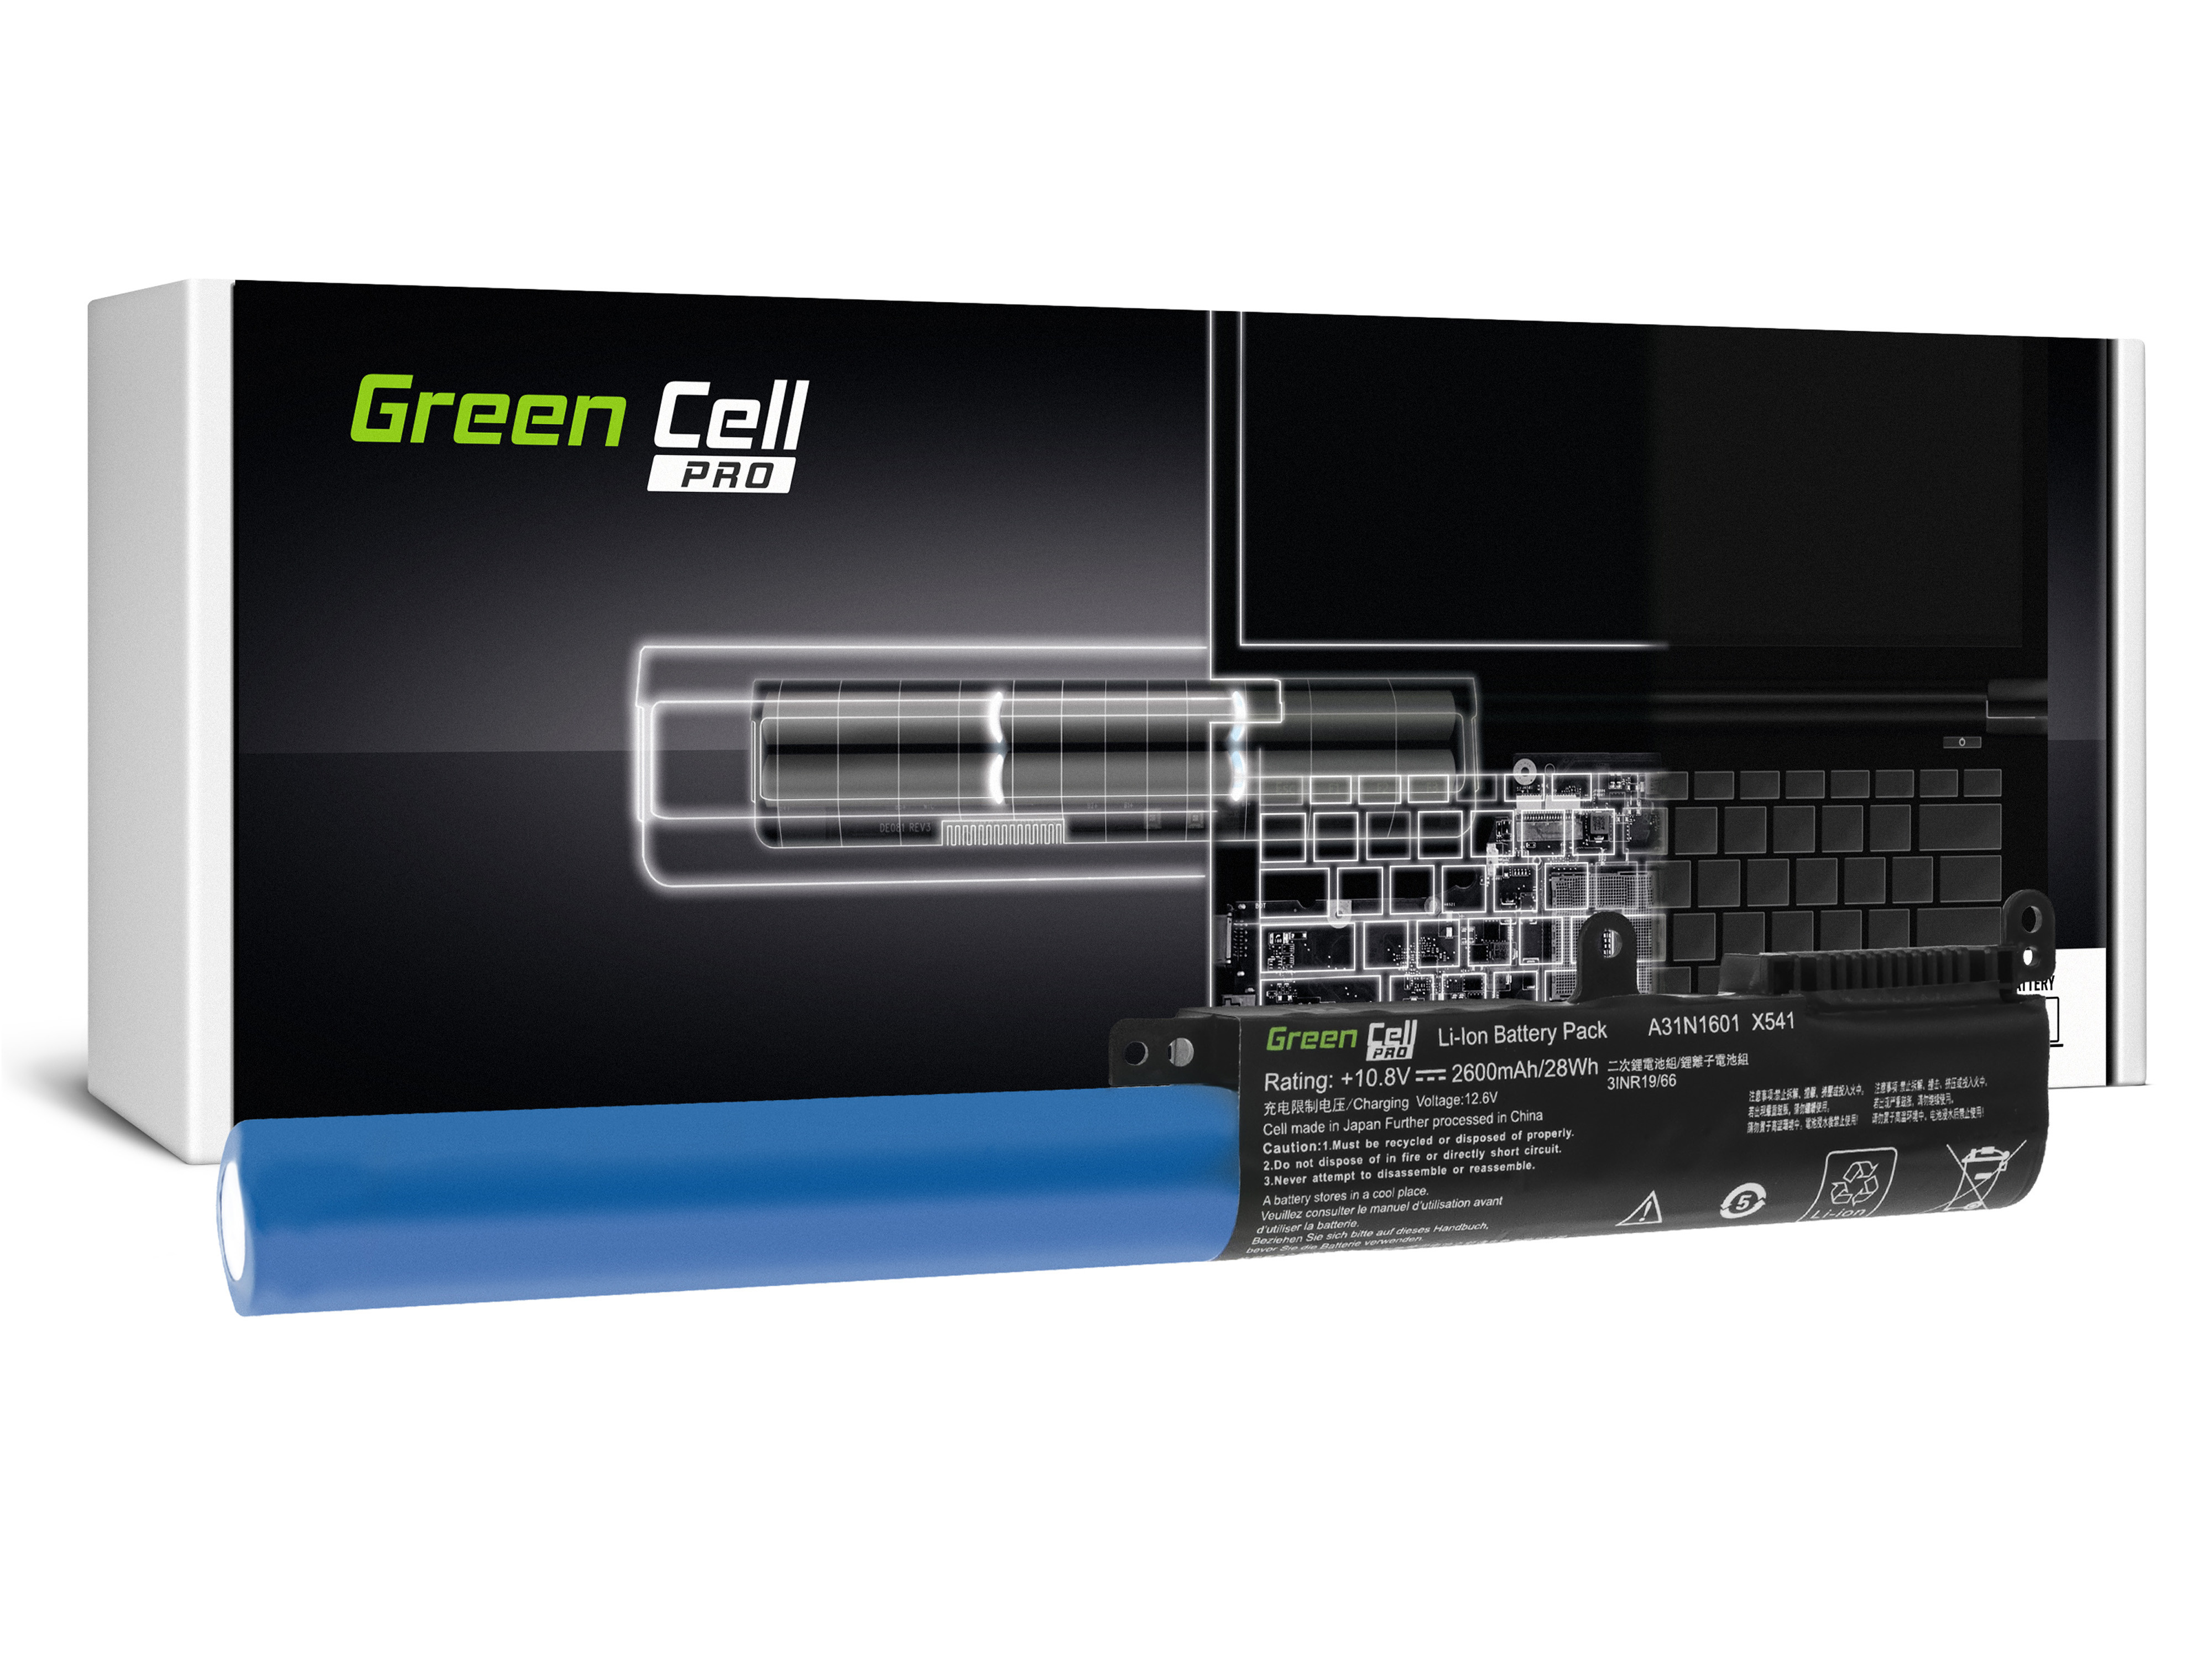 Green Cell AS94PRO Baterie Asus A31N1601 A31LP4Q, Asus R541N R541S R541U Asus Vivobook Max F541N F541U X541N X541S X541U 2600mAh Li-ion - neoriginální